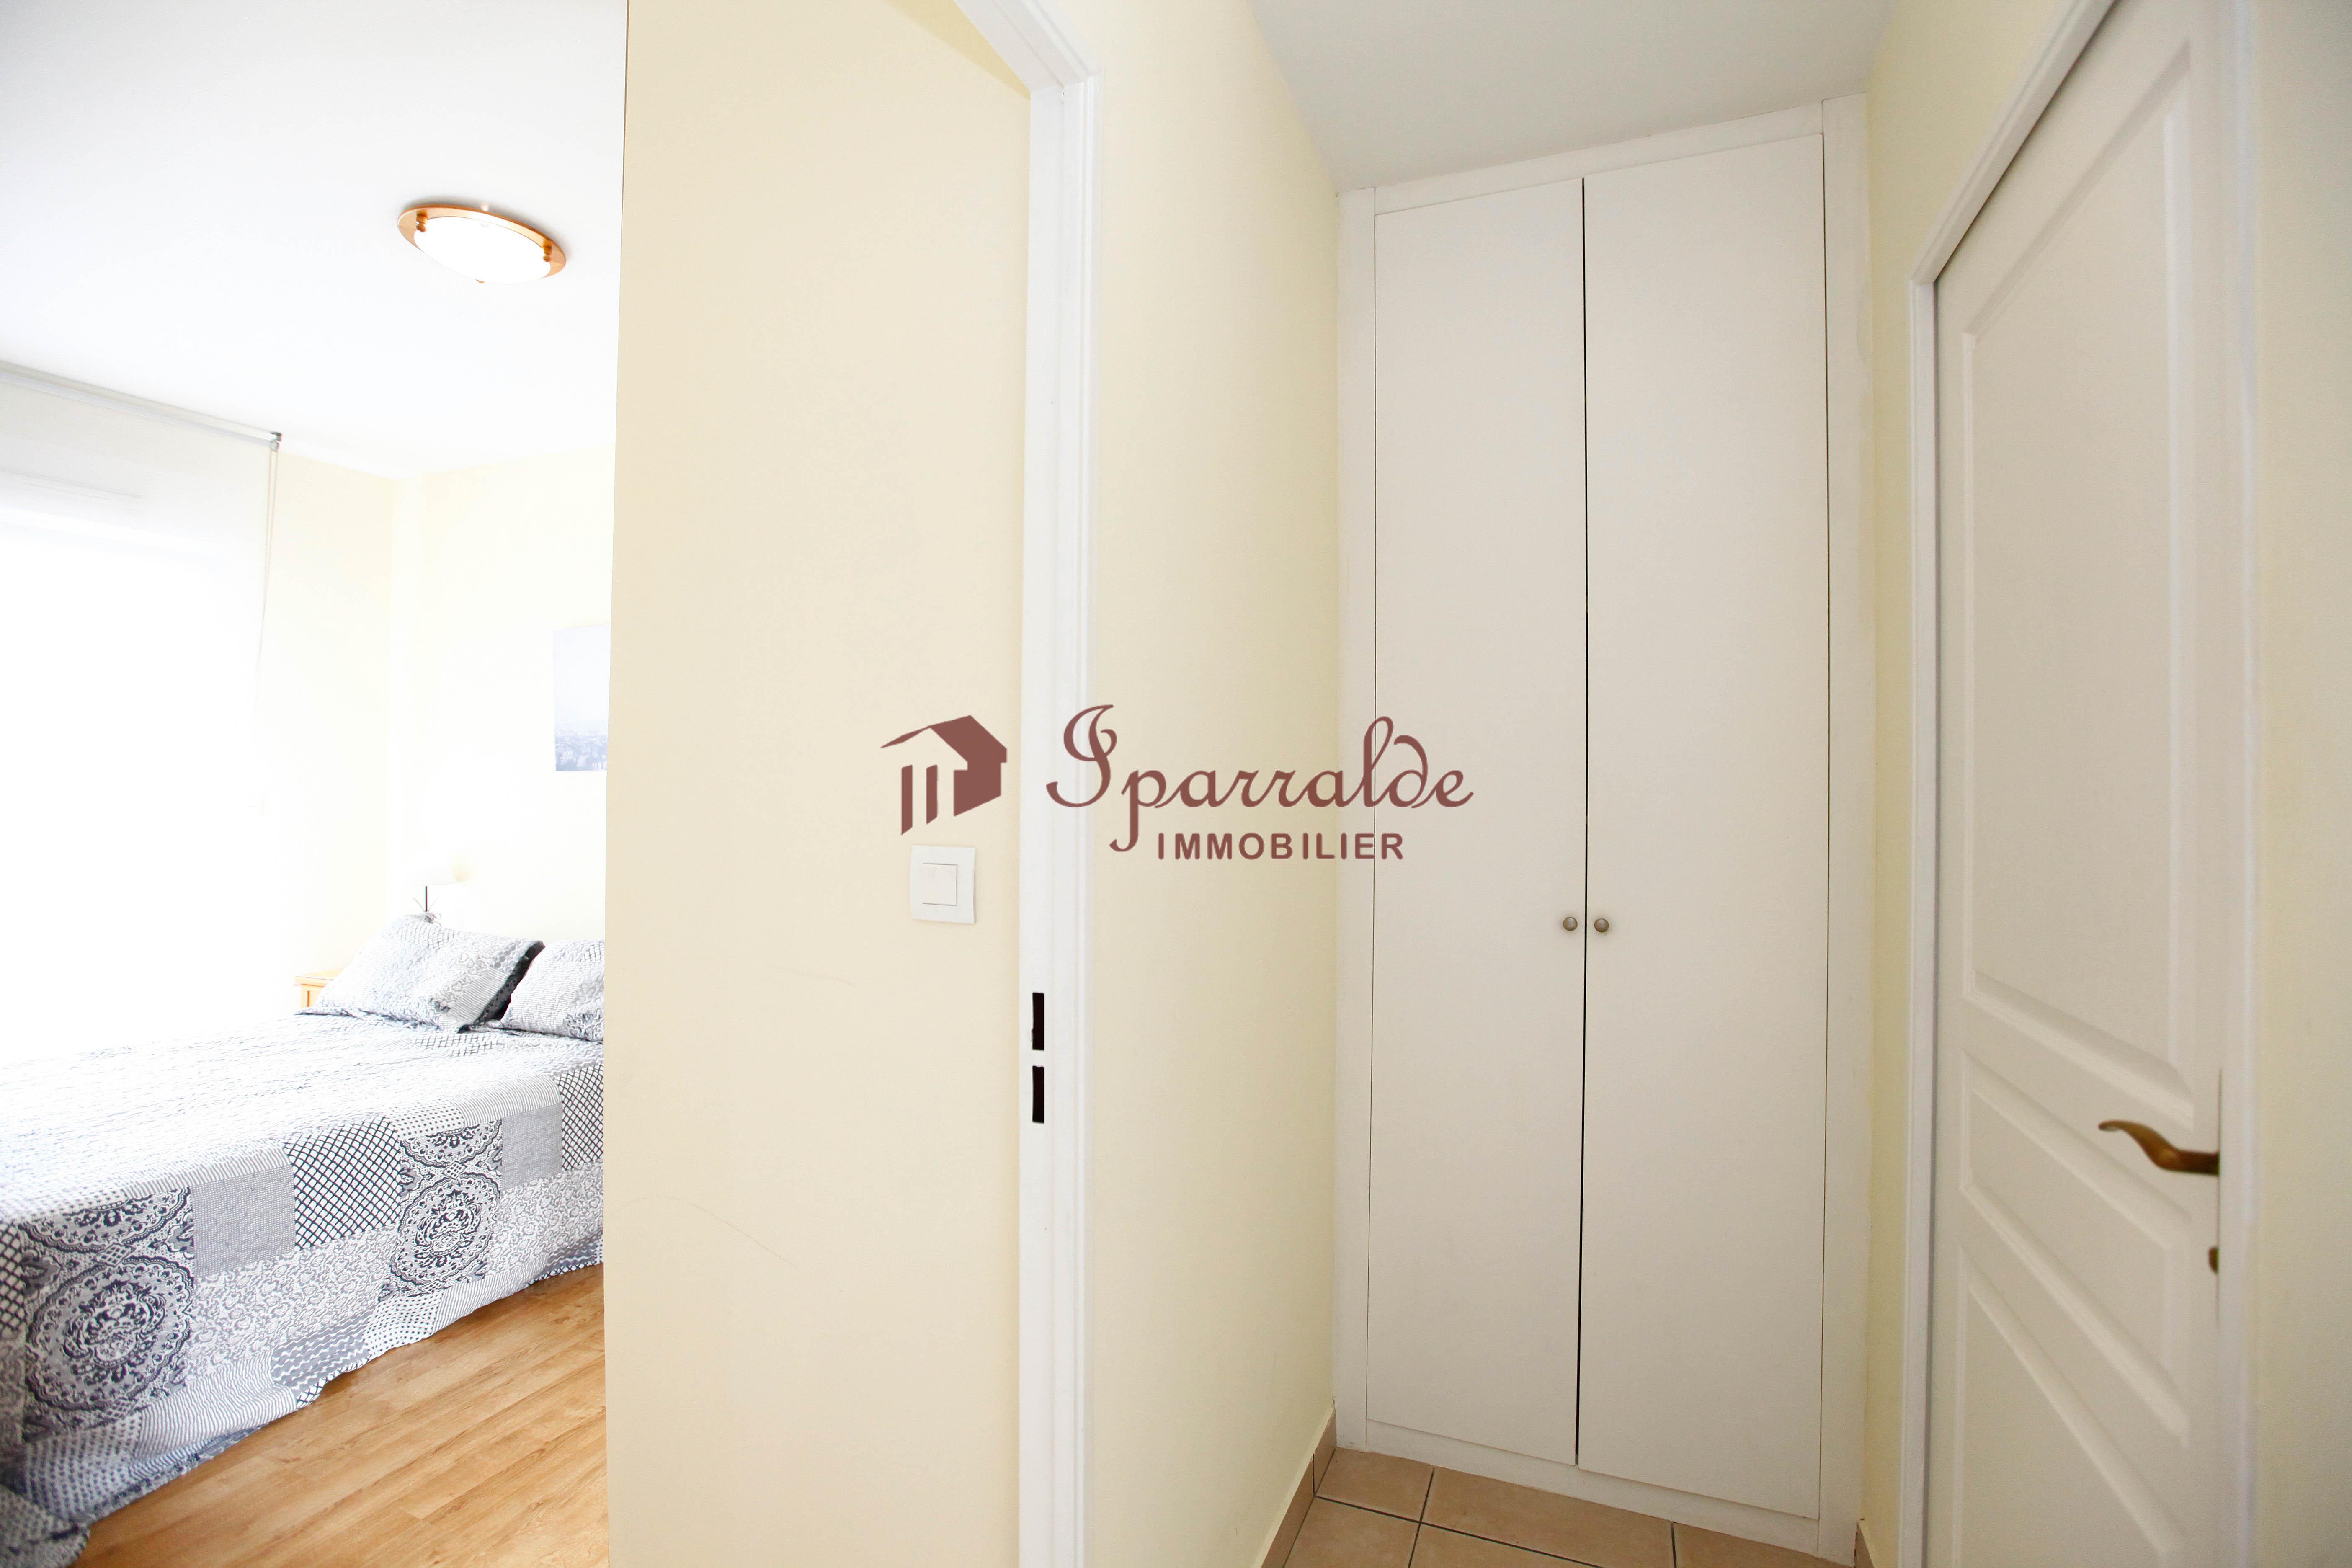 Se vende bonito piso en excelente estado de conservación de reciente construcción con terraza soleada y vistas despejadas.